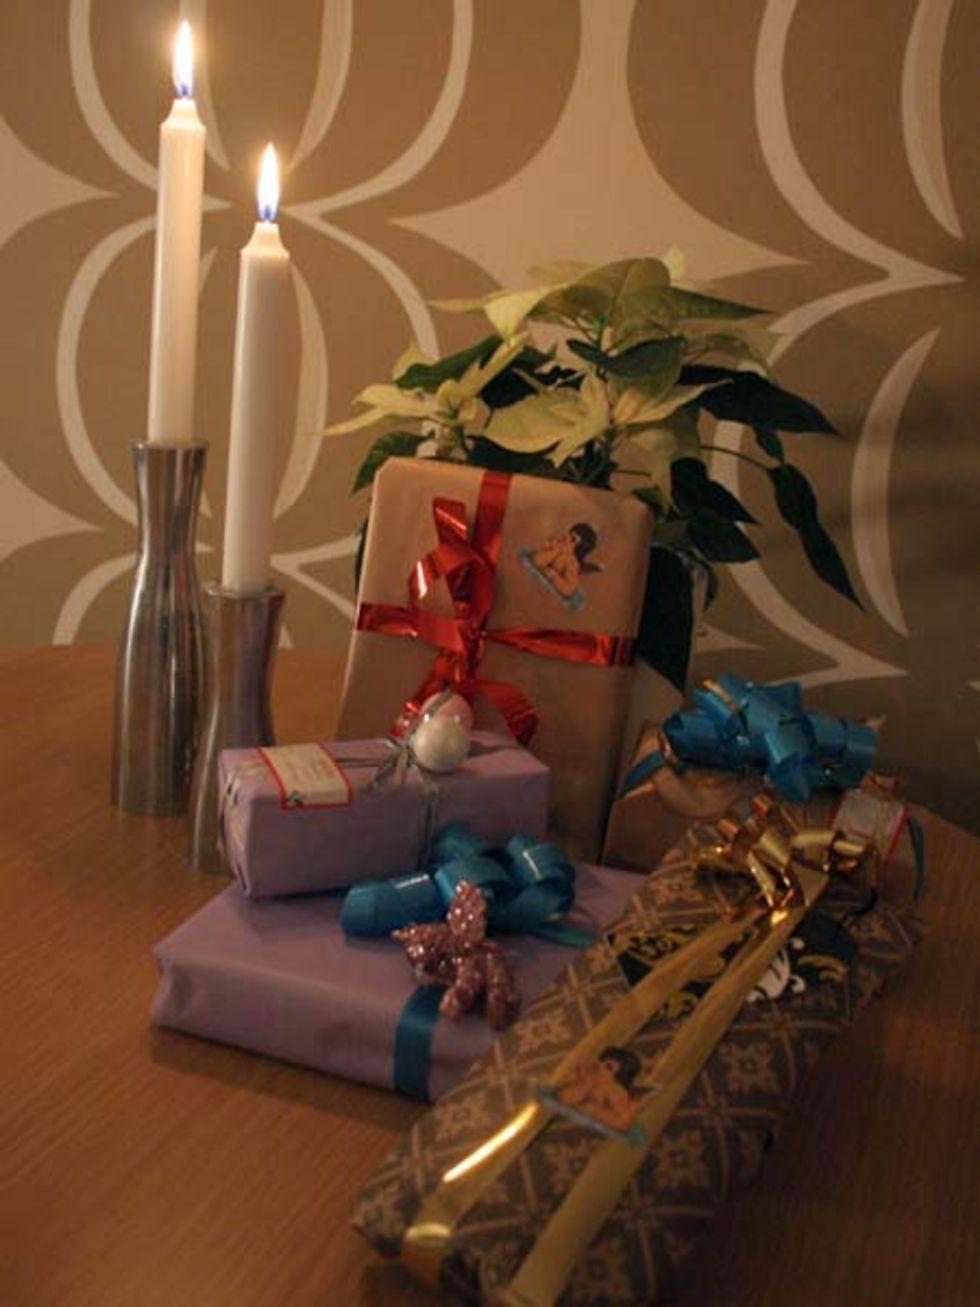 Gör extra fina paket i jul